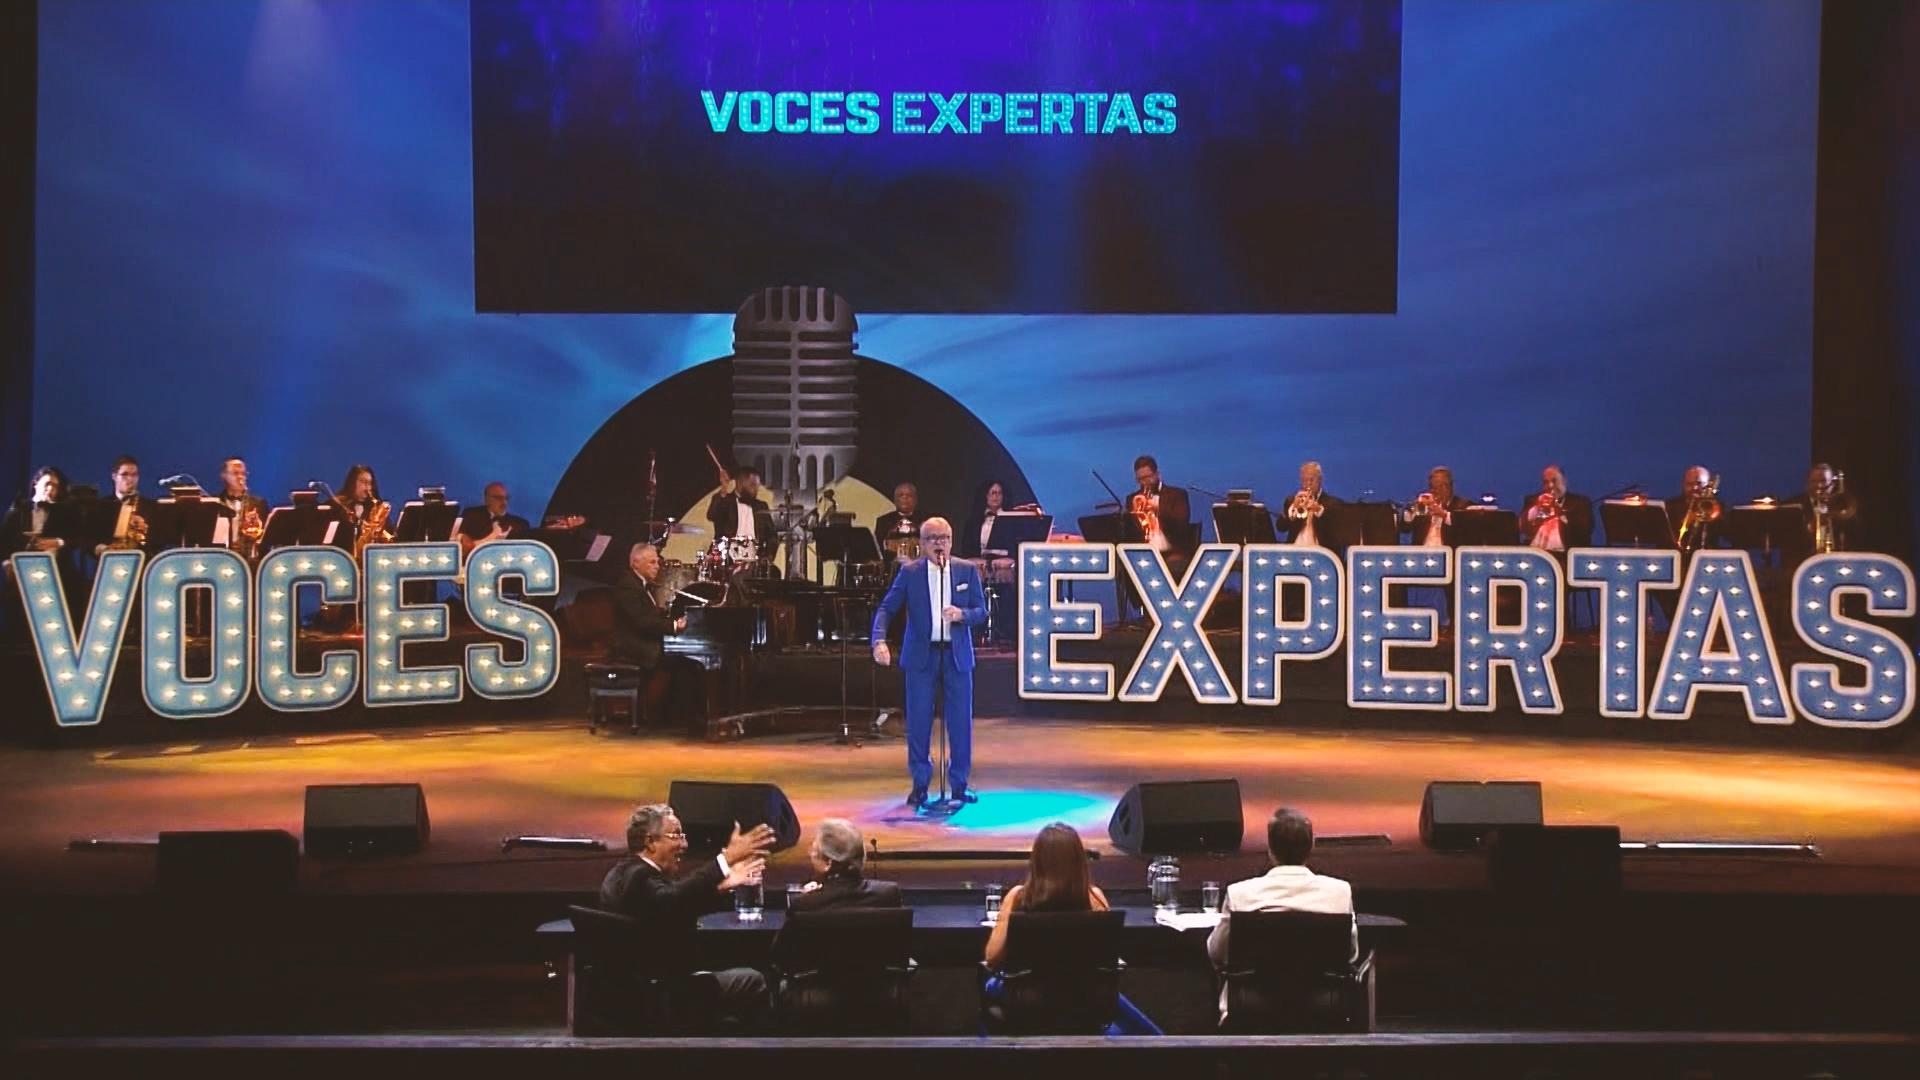 Voces expertas